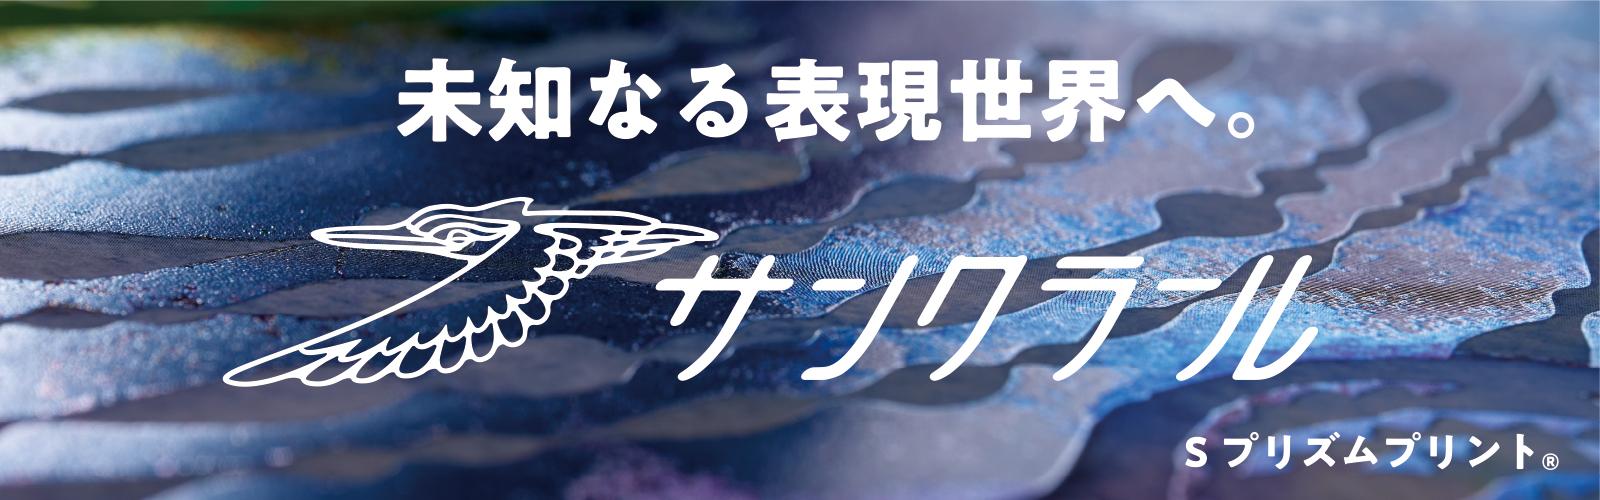 有限会社サンクラール (大阪市東成区)